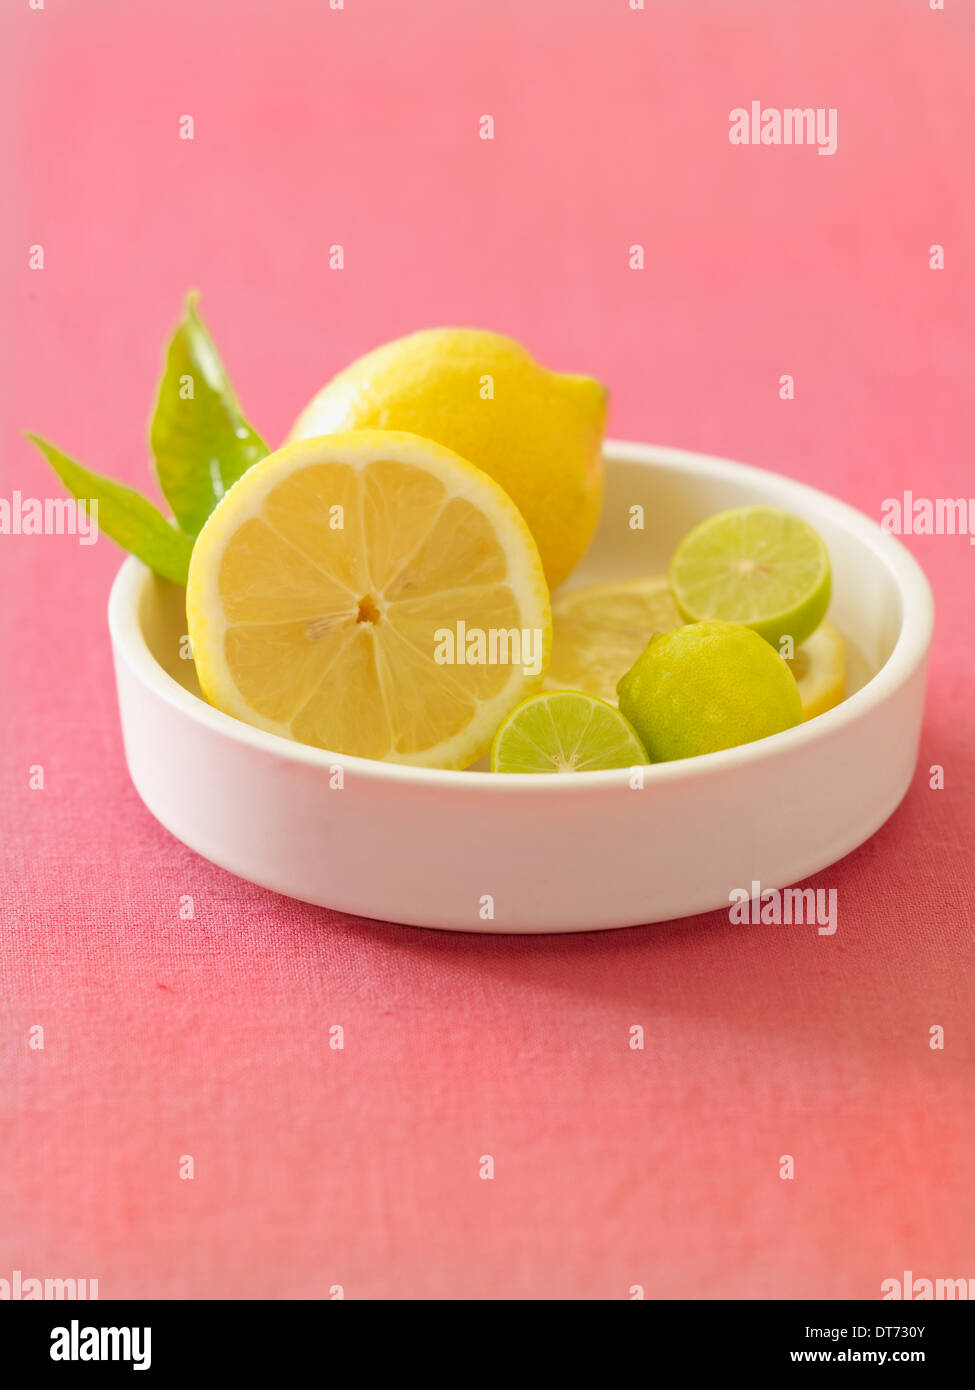 Eine zeitgenössische weiße Schüssel mit Zitronen und Limetten auf rosa Stoff Hintergrund. Stockbild